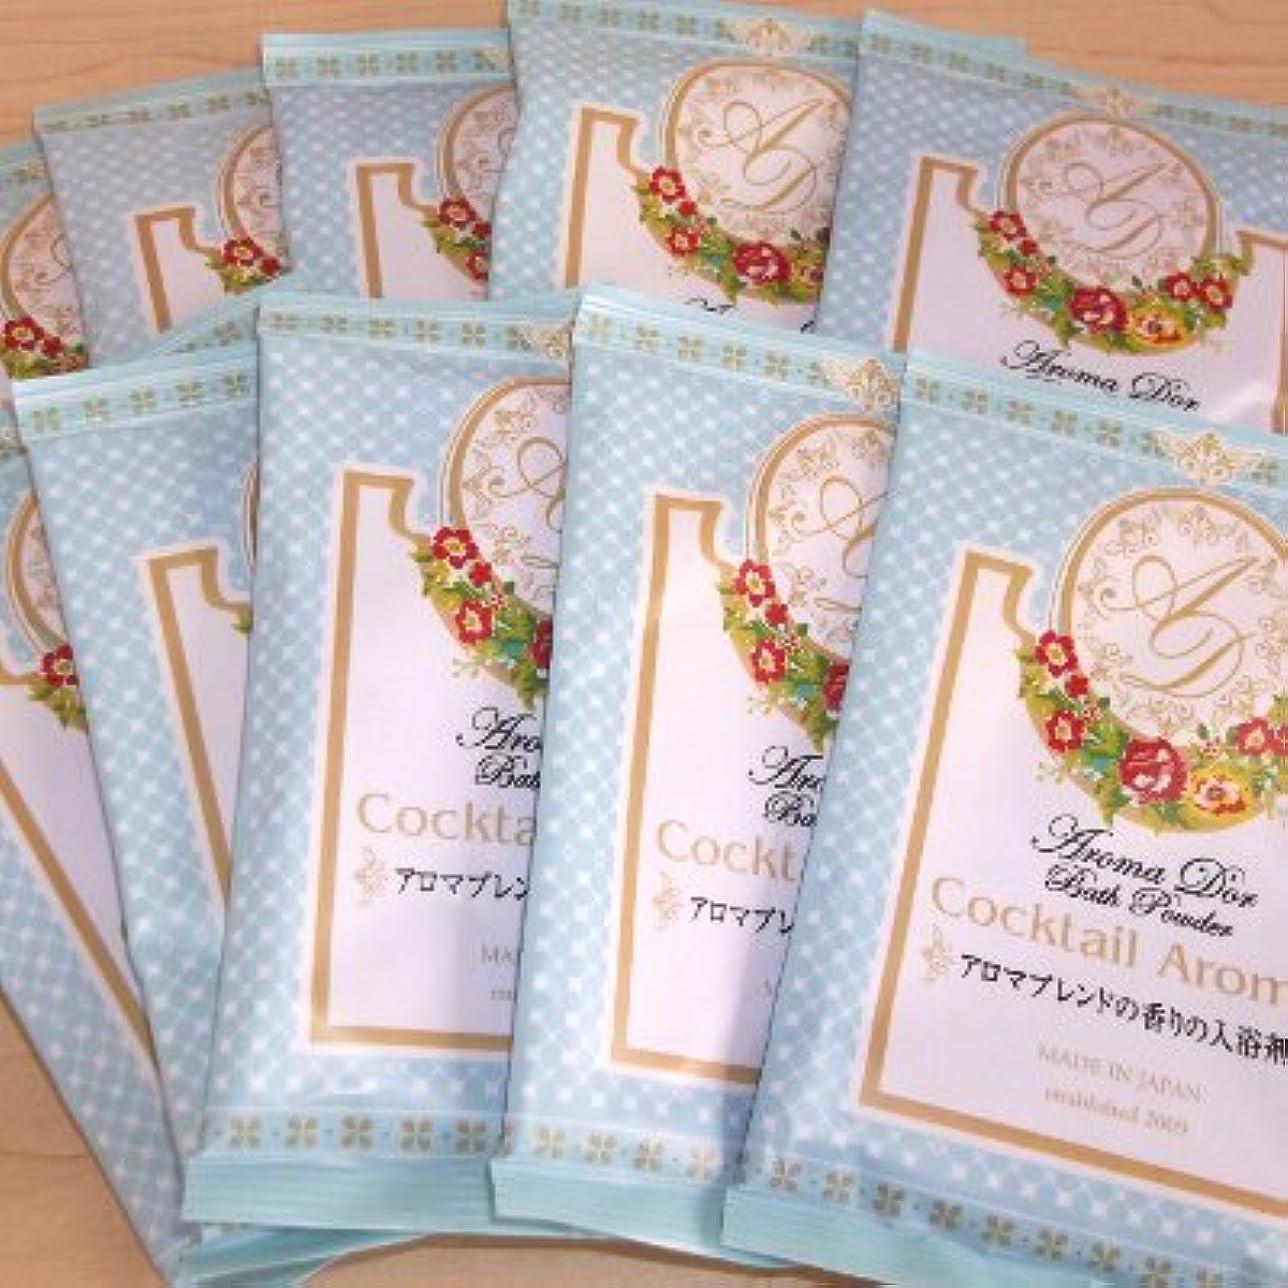 値下げ怒り換気するアロマドール アロマブレンドの香り 10包セット